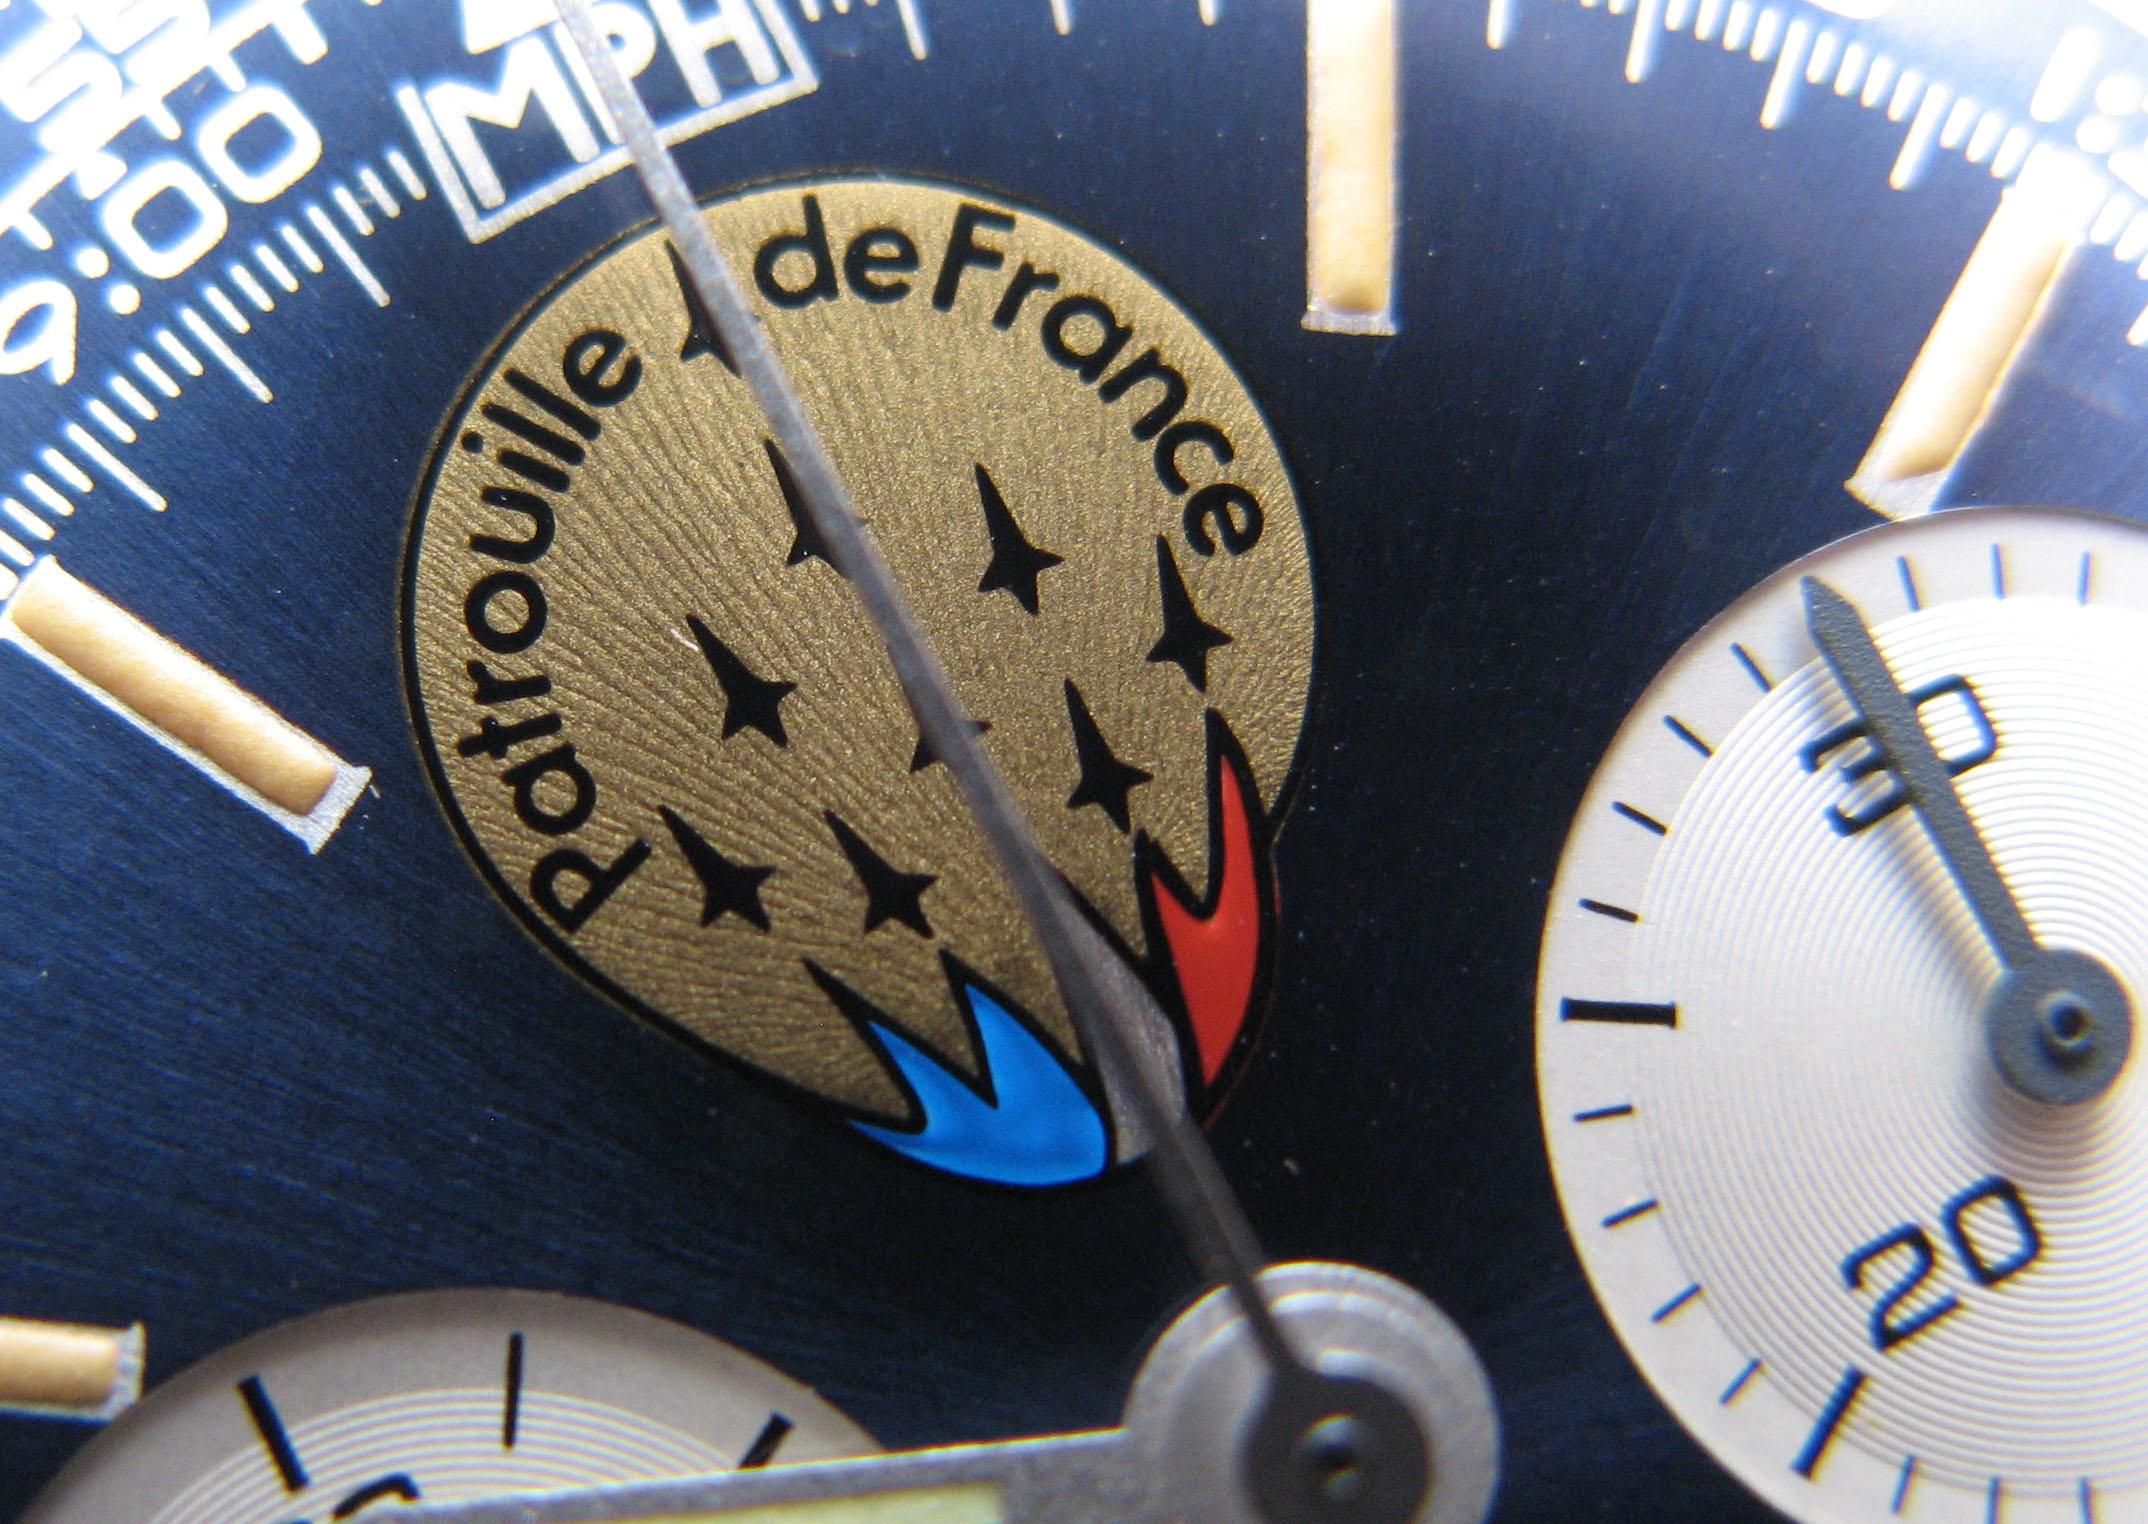 Breitling - Breitling est-il en train de s'enliser ?   - Page 2 012b12